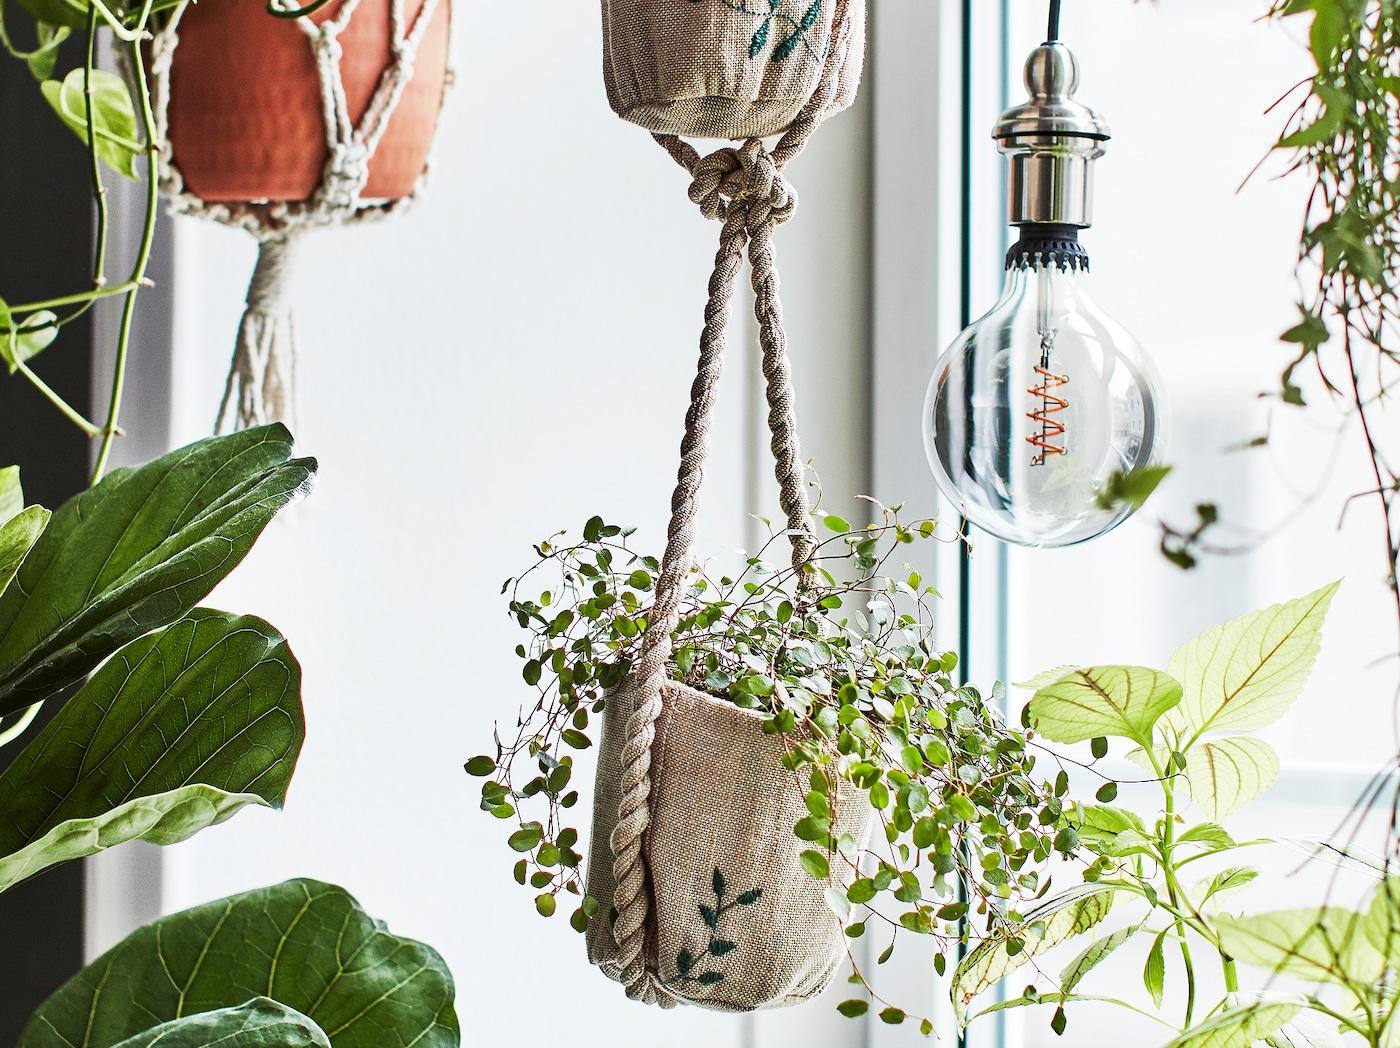 Plusieurs plantes devant une fenêtre, formant une petite jungle urbaine. L'une d'entre elles se trouve dans un cache-pot en jute avec des motifs brodés.